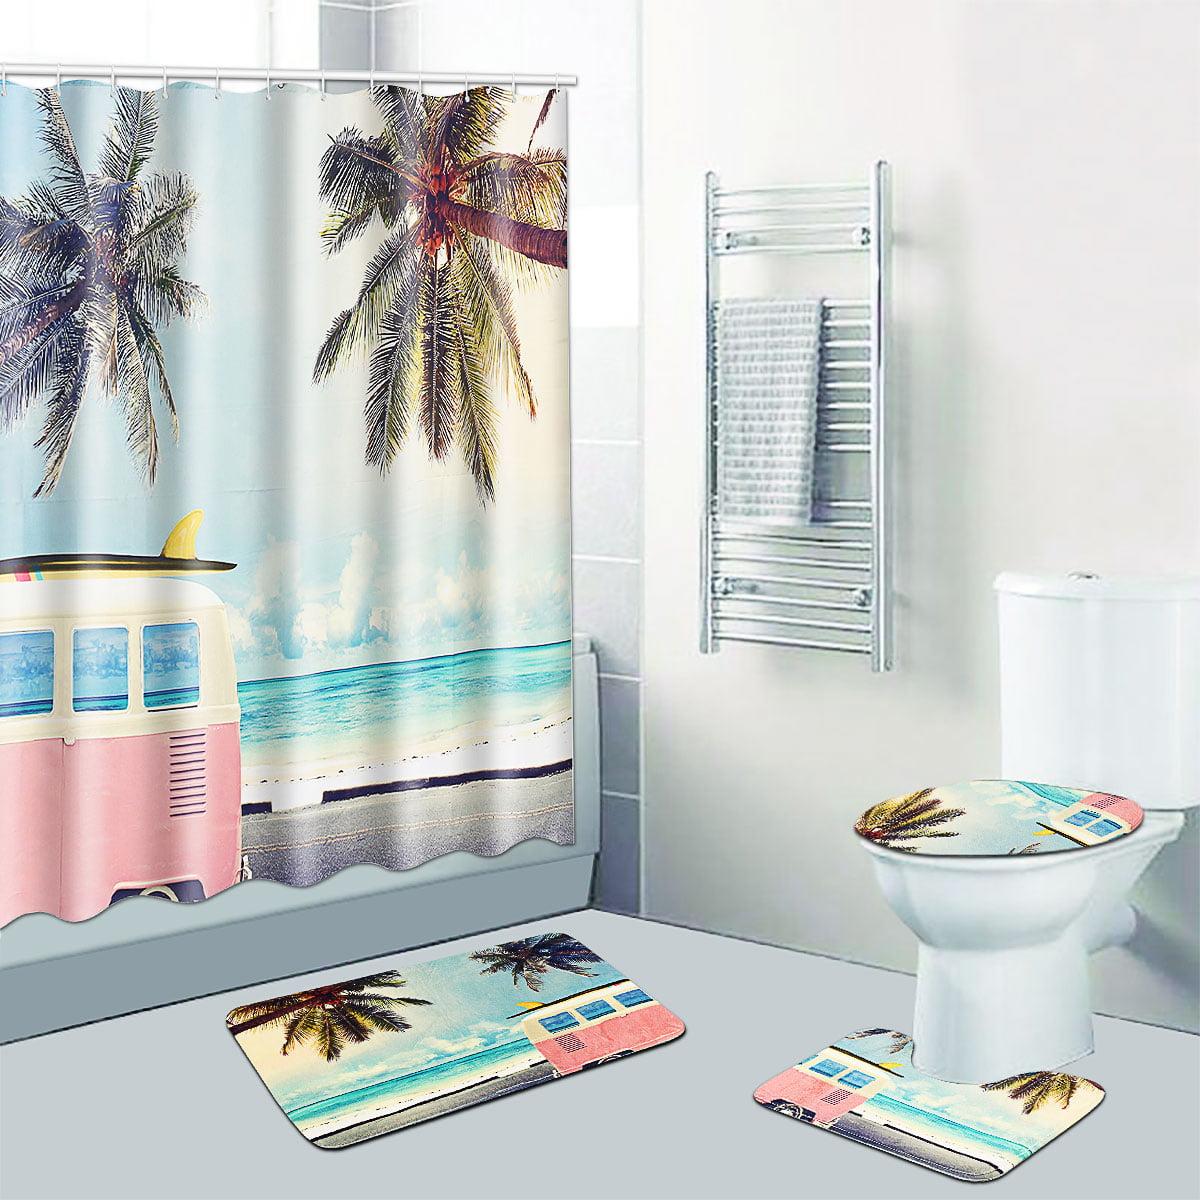 Beach Ocean Shower Curtain Set Non-slip Bath Mat Pedestal Toilet Cover Lid Rug